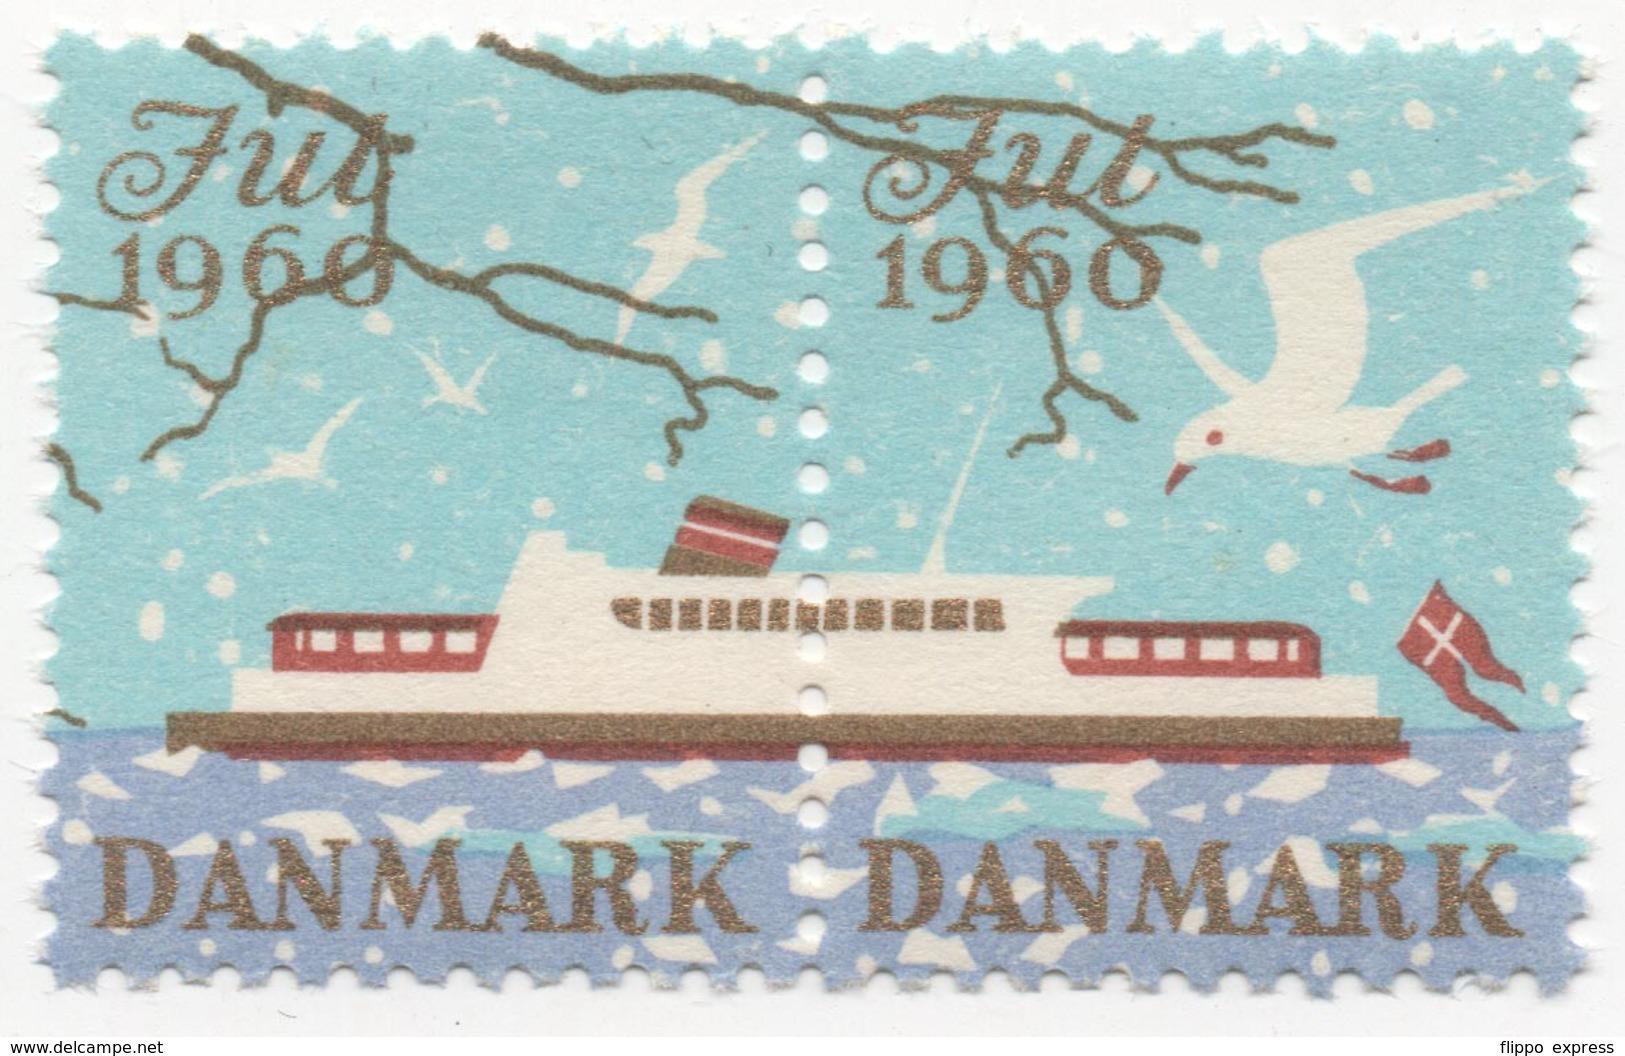 Denmark 1960, Hor. Pair, Julemaerke, Christmas Stamp, Cinderella, Used - Denmark